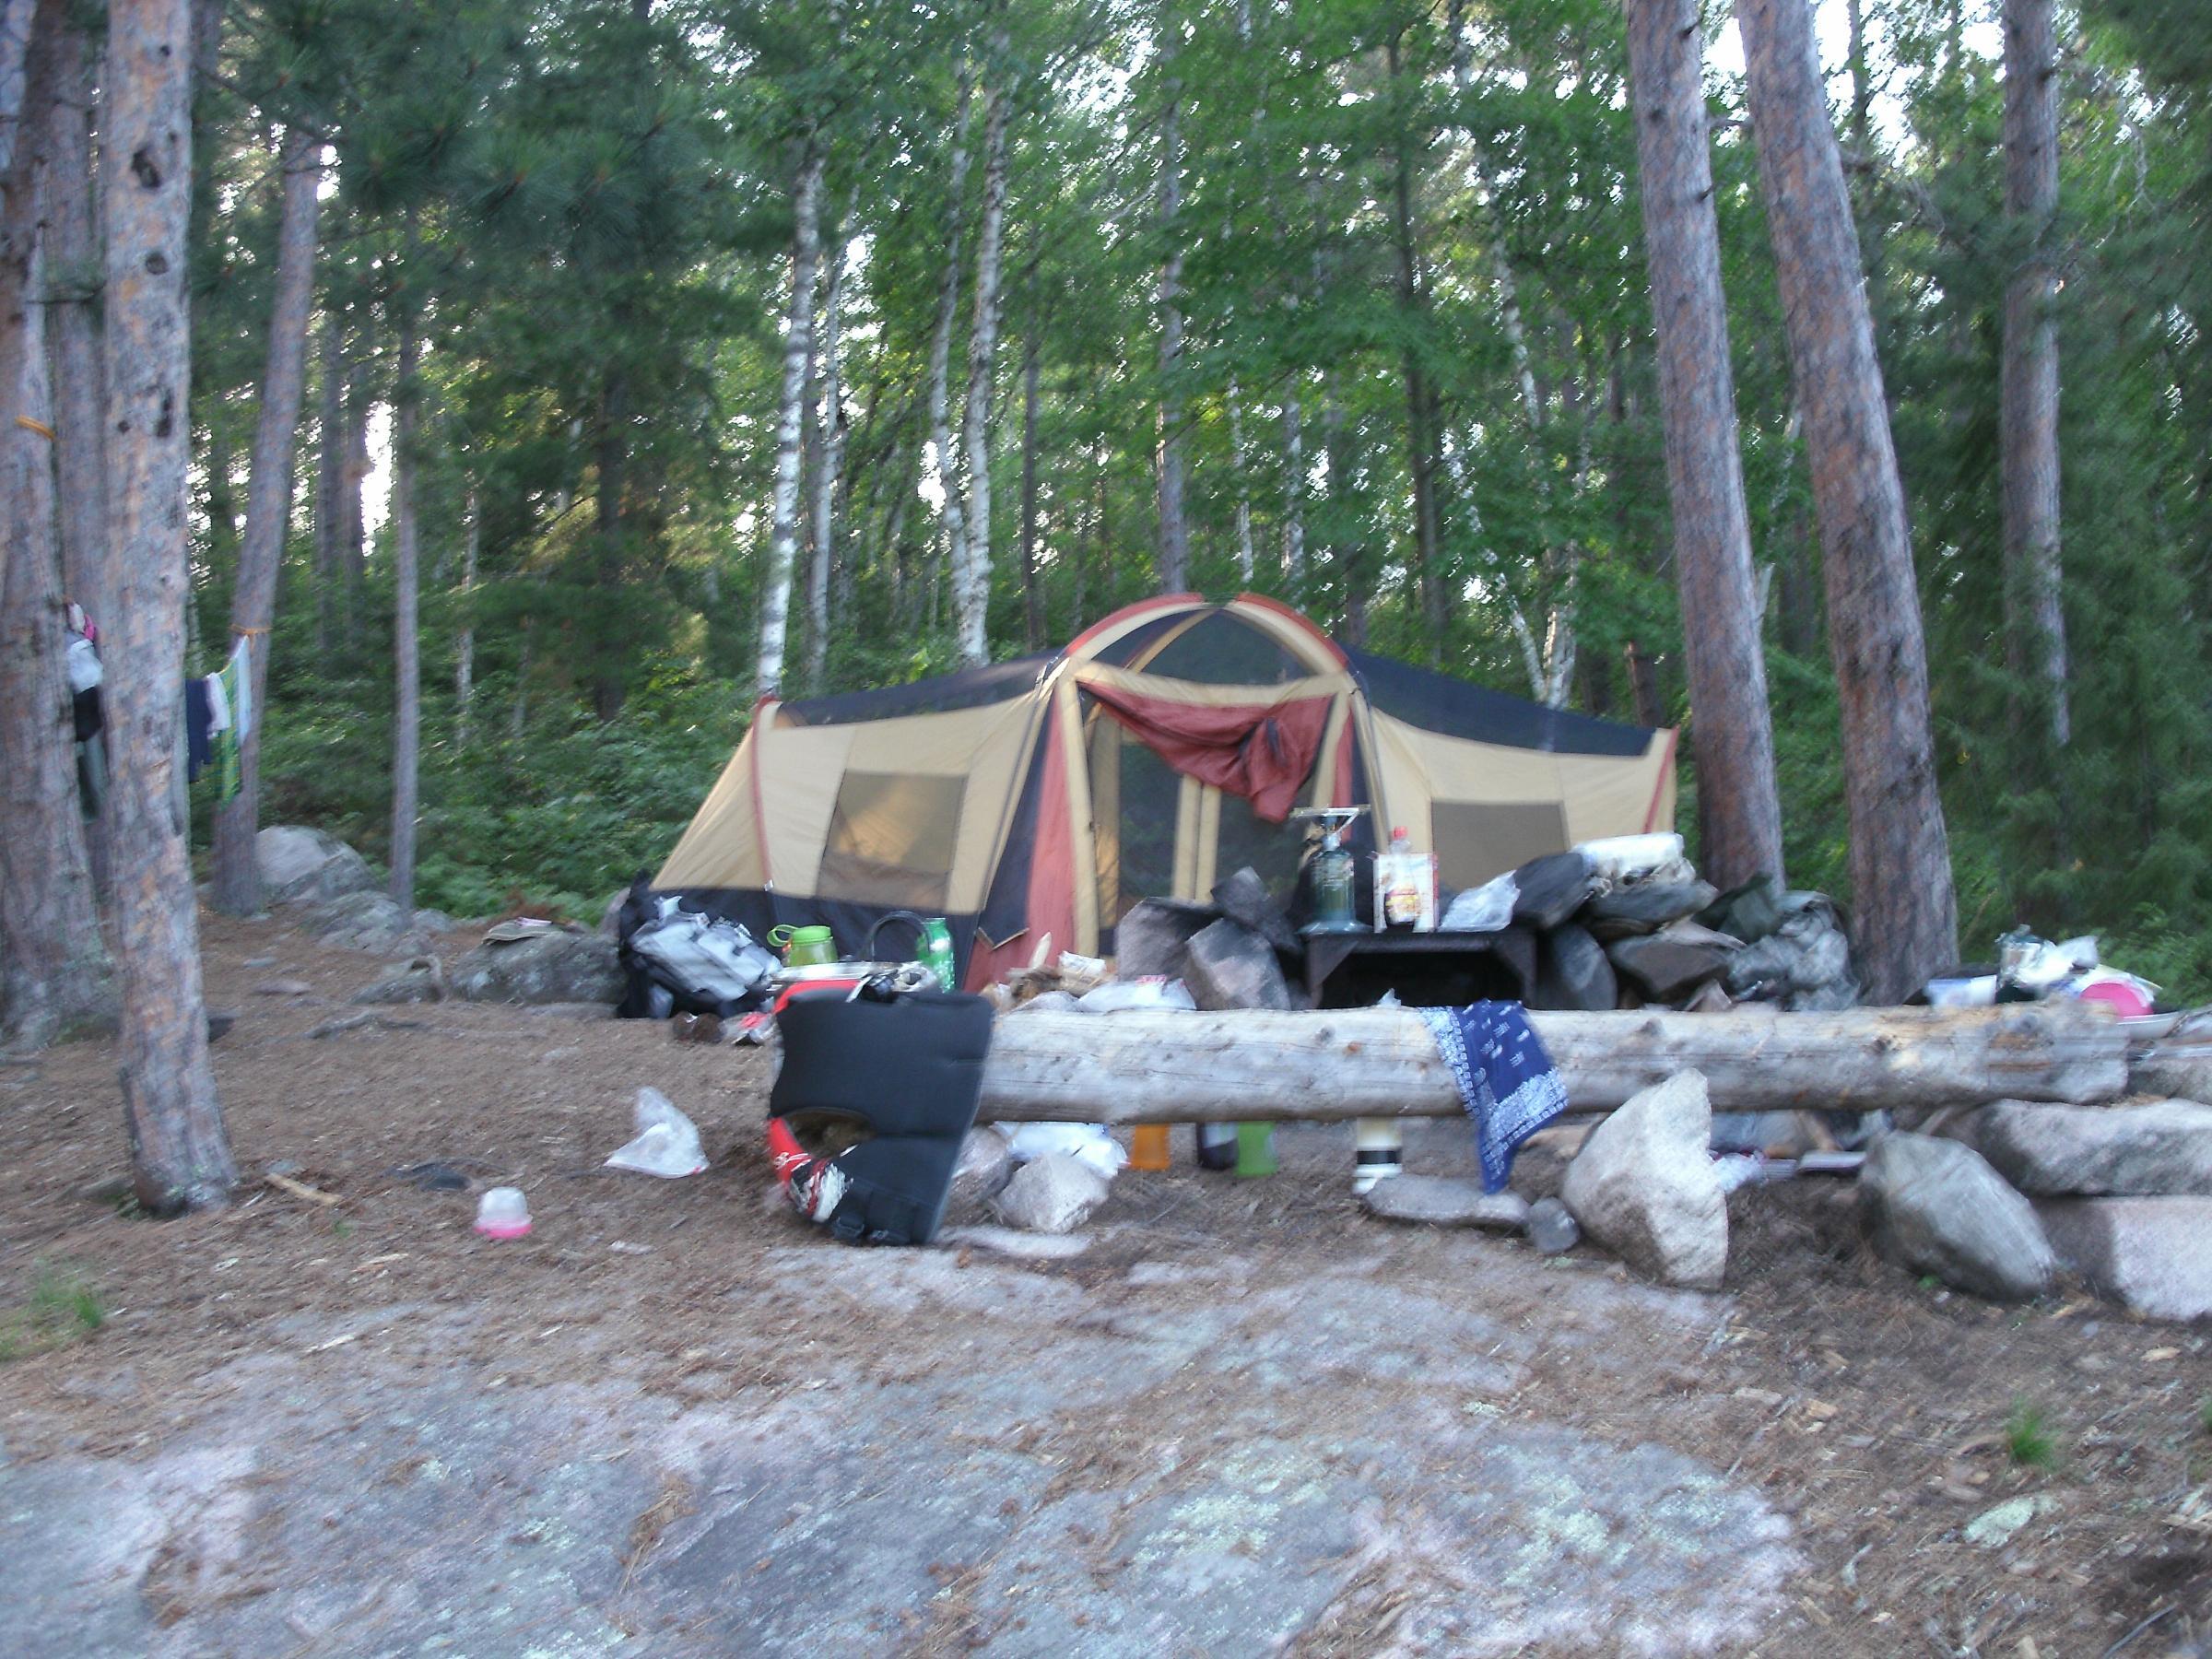 Bigger tent?